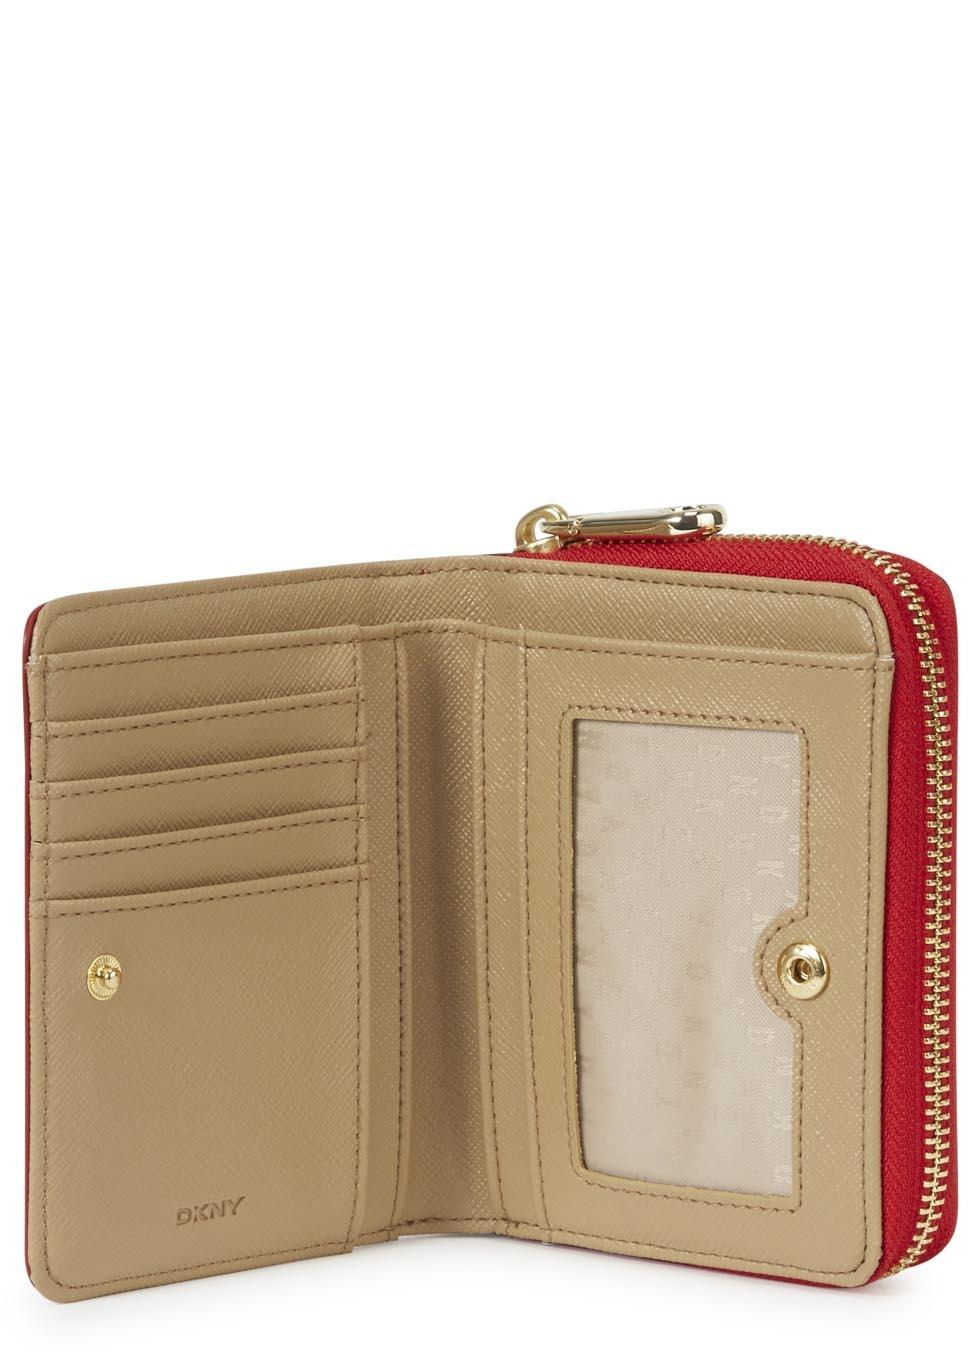 DKNY Tan R3225105 Women's Wallet - DKNY from Daniel ... |Dkny Wallet